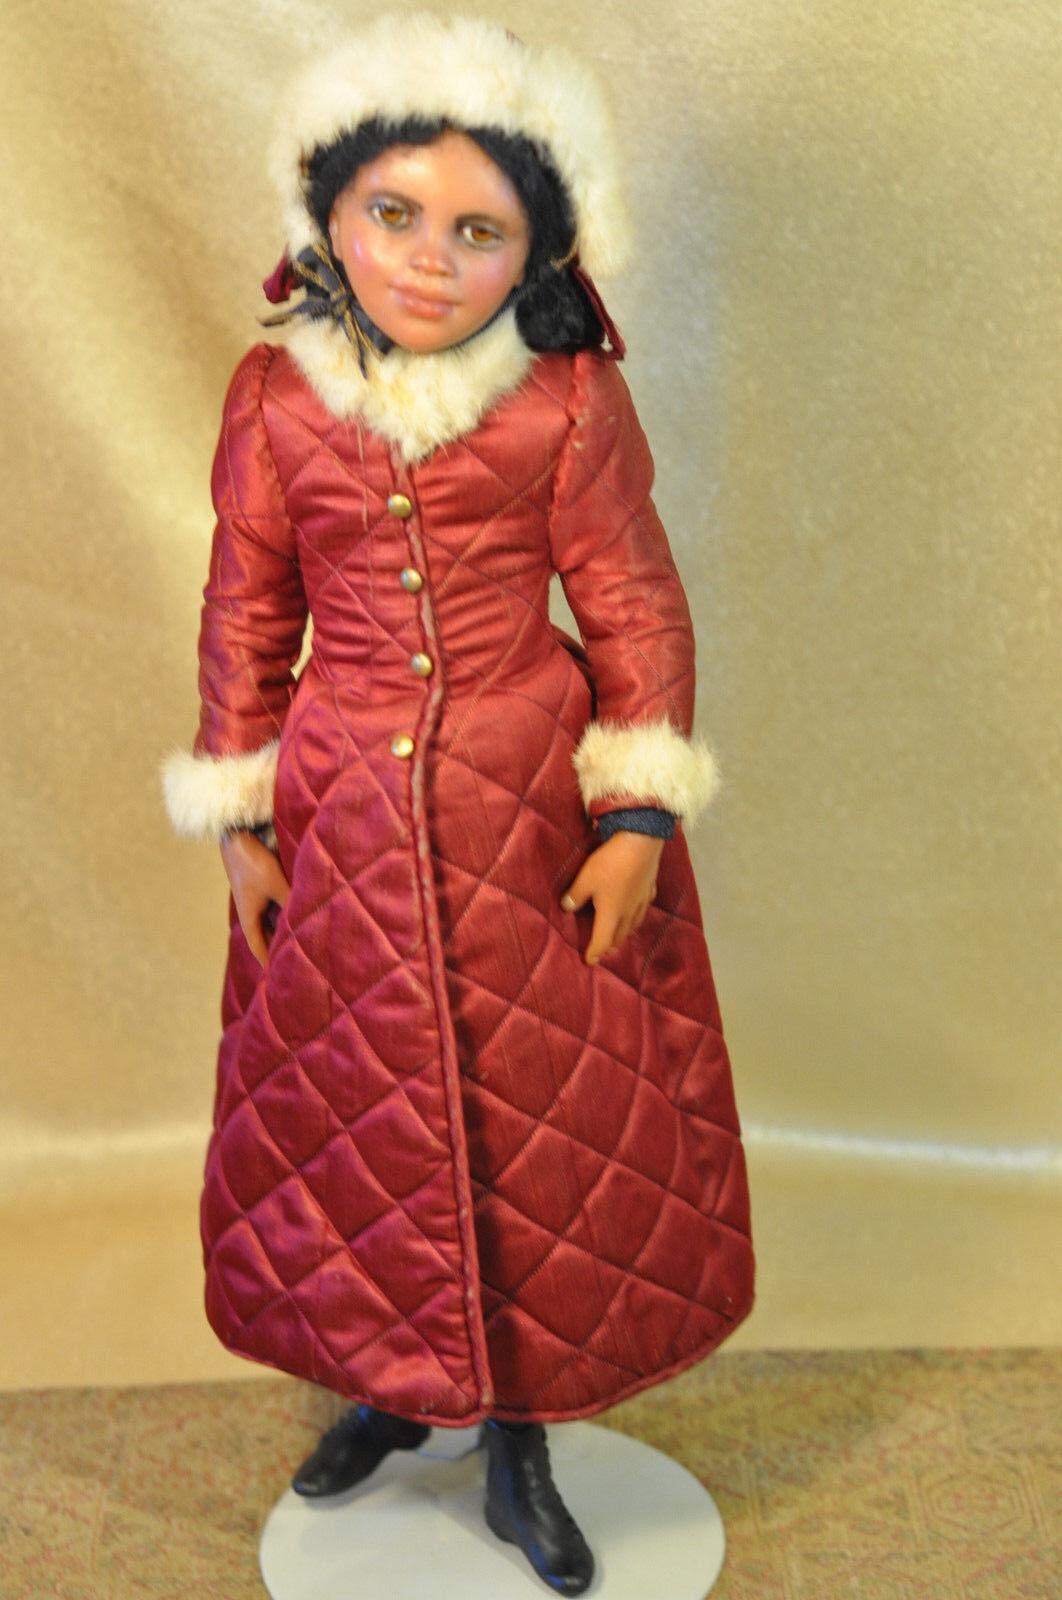 Raro duro encontrar uno de una clase Anna Abigail Brahms 19  Negro Girl Doll Original marcado Muy Buen Estado